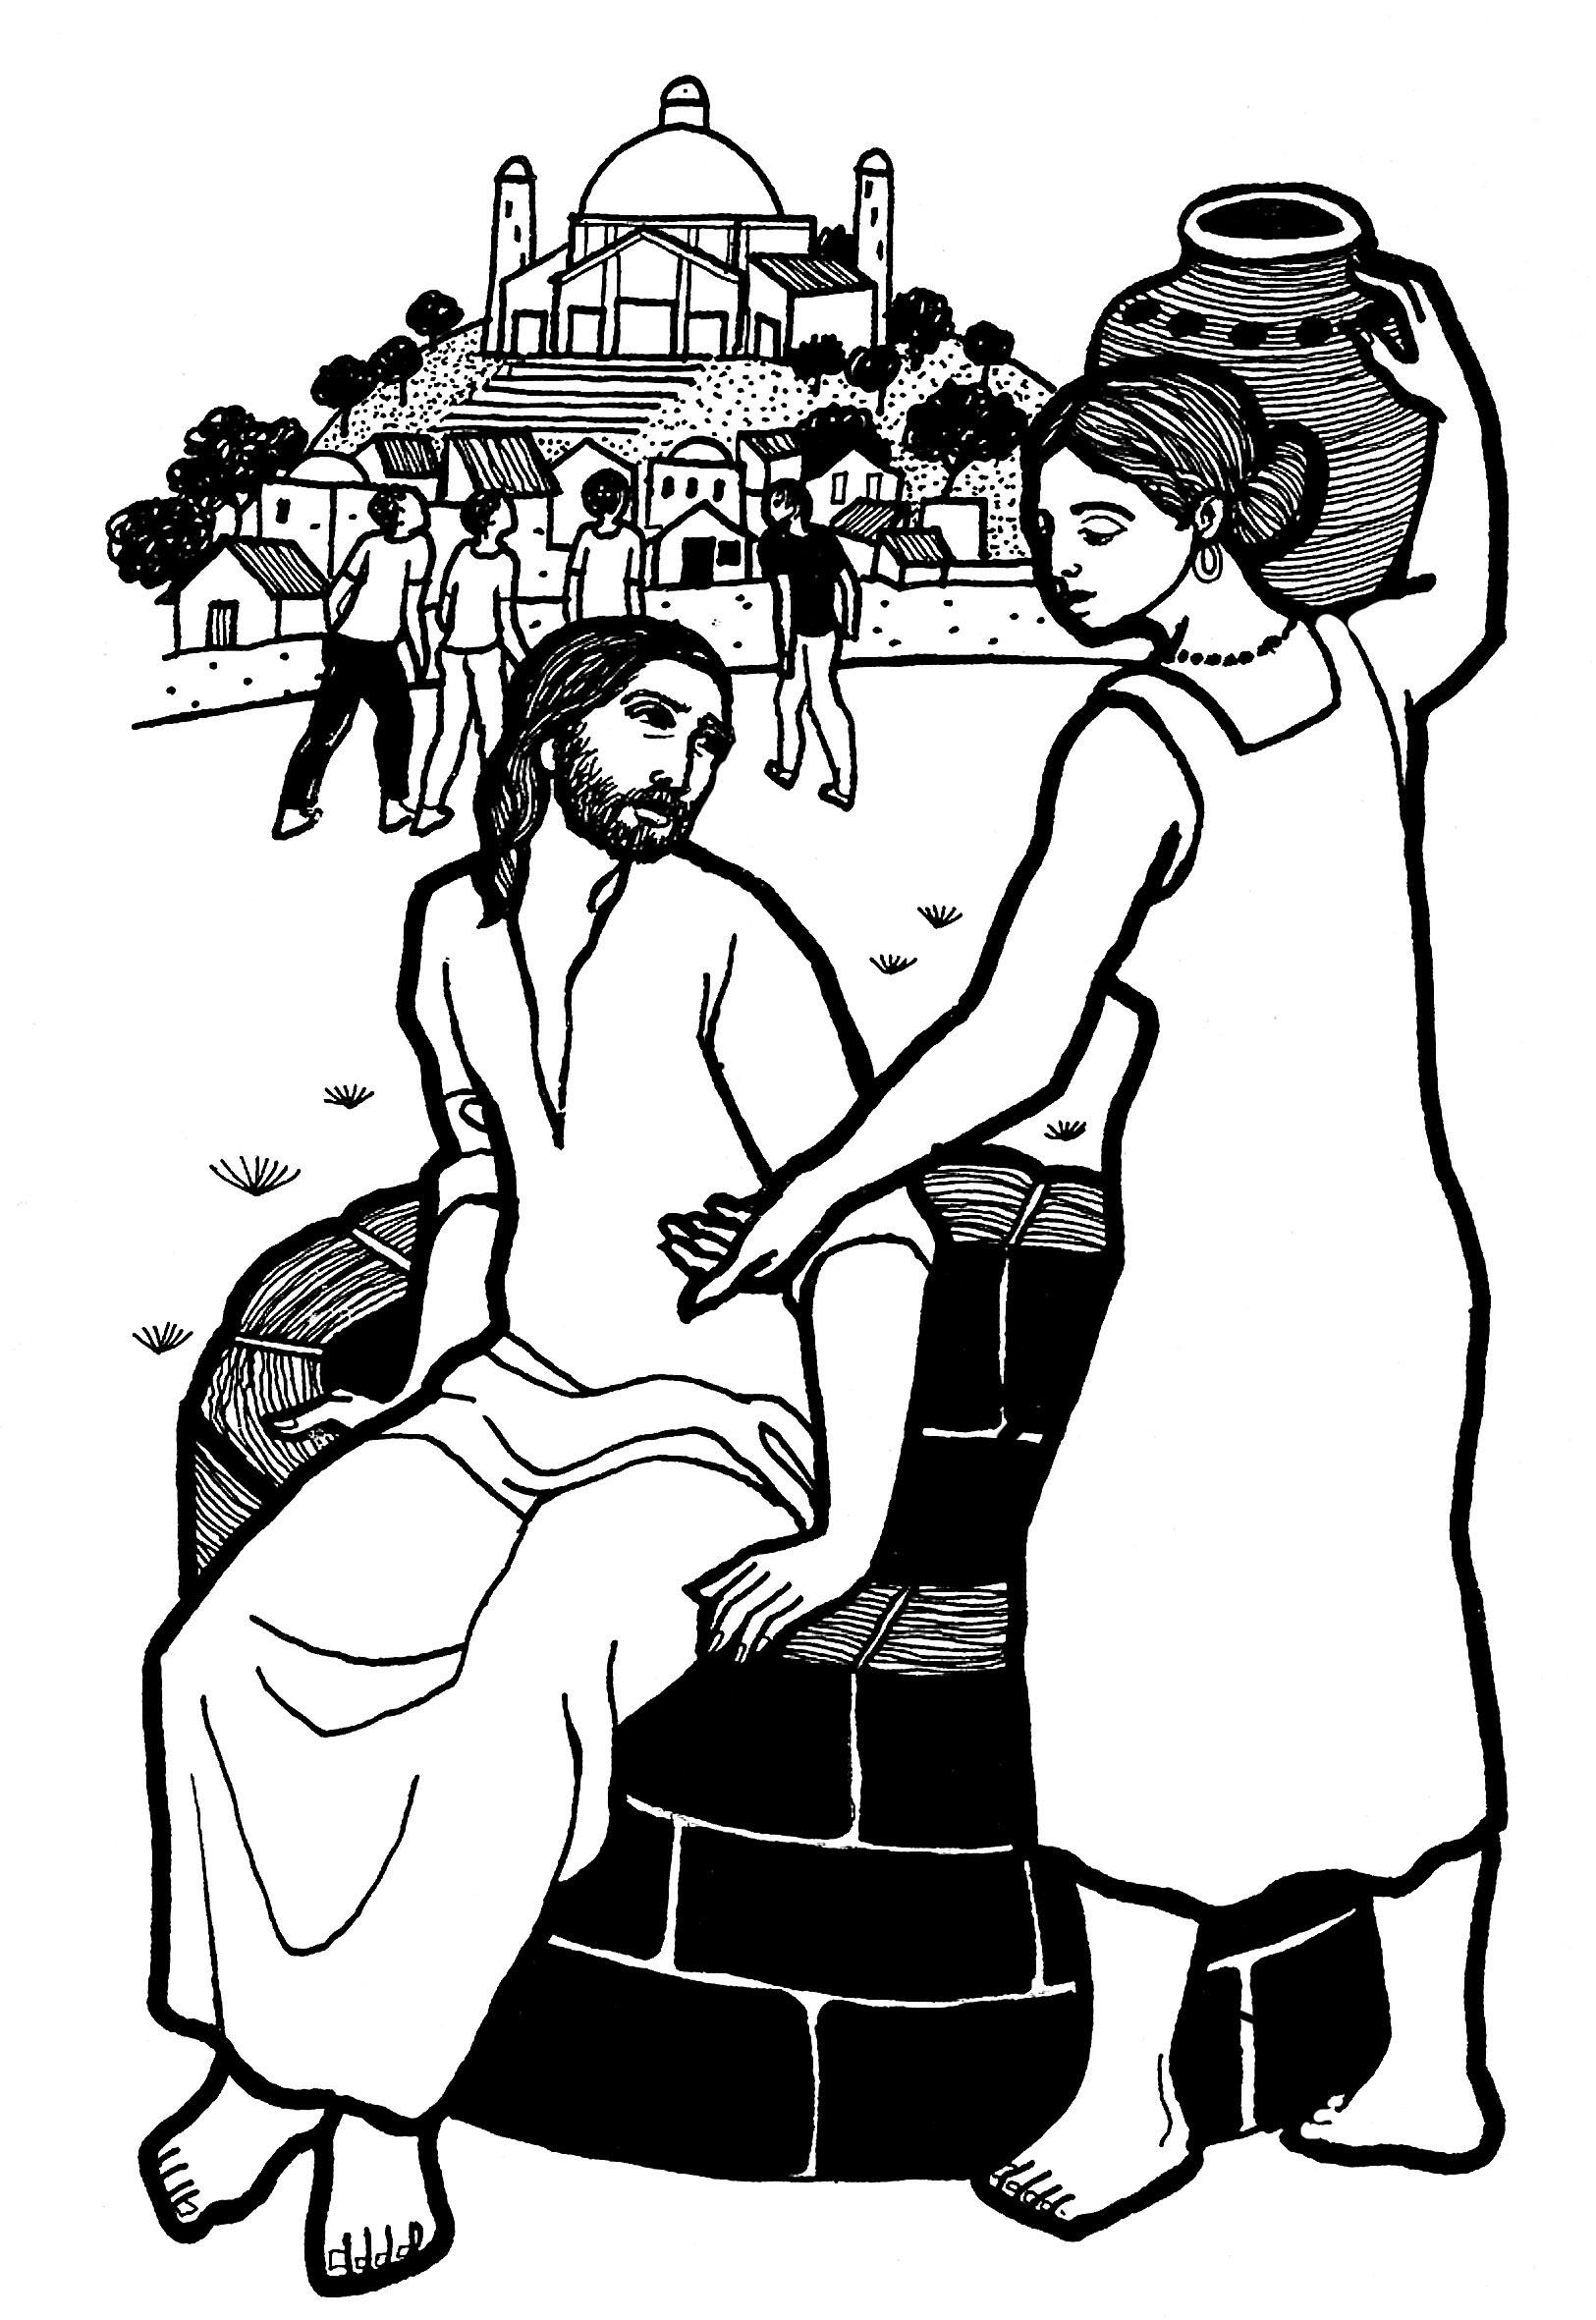 Evangelio del día - Lecturas del domingo, 27 de marzo de 2011